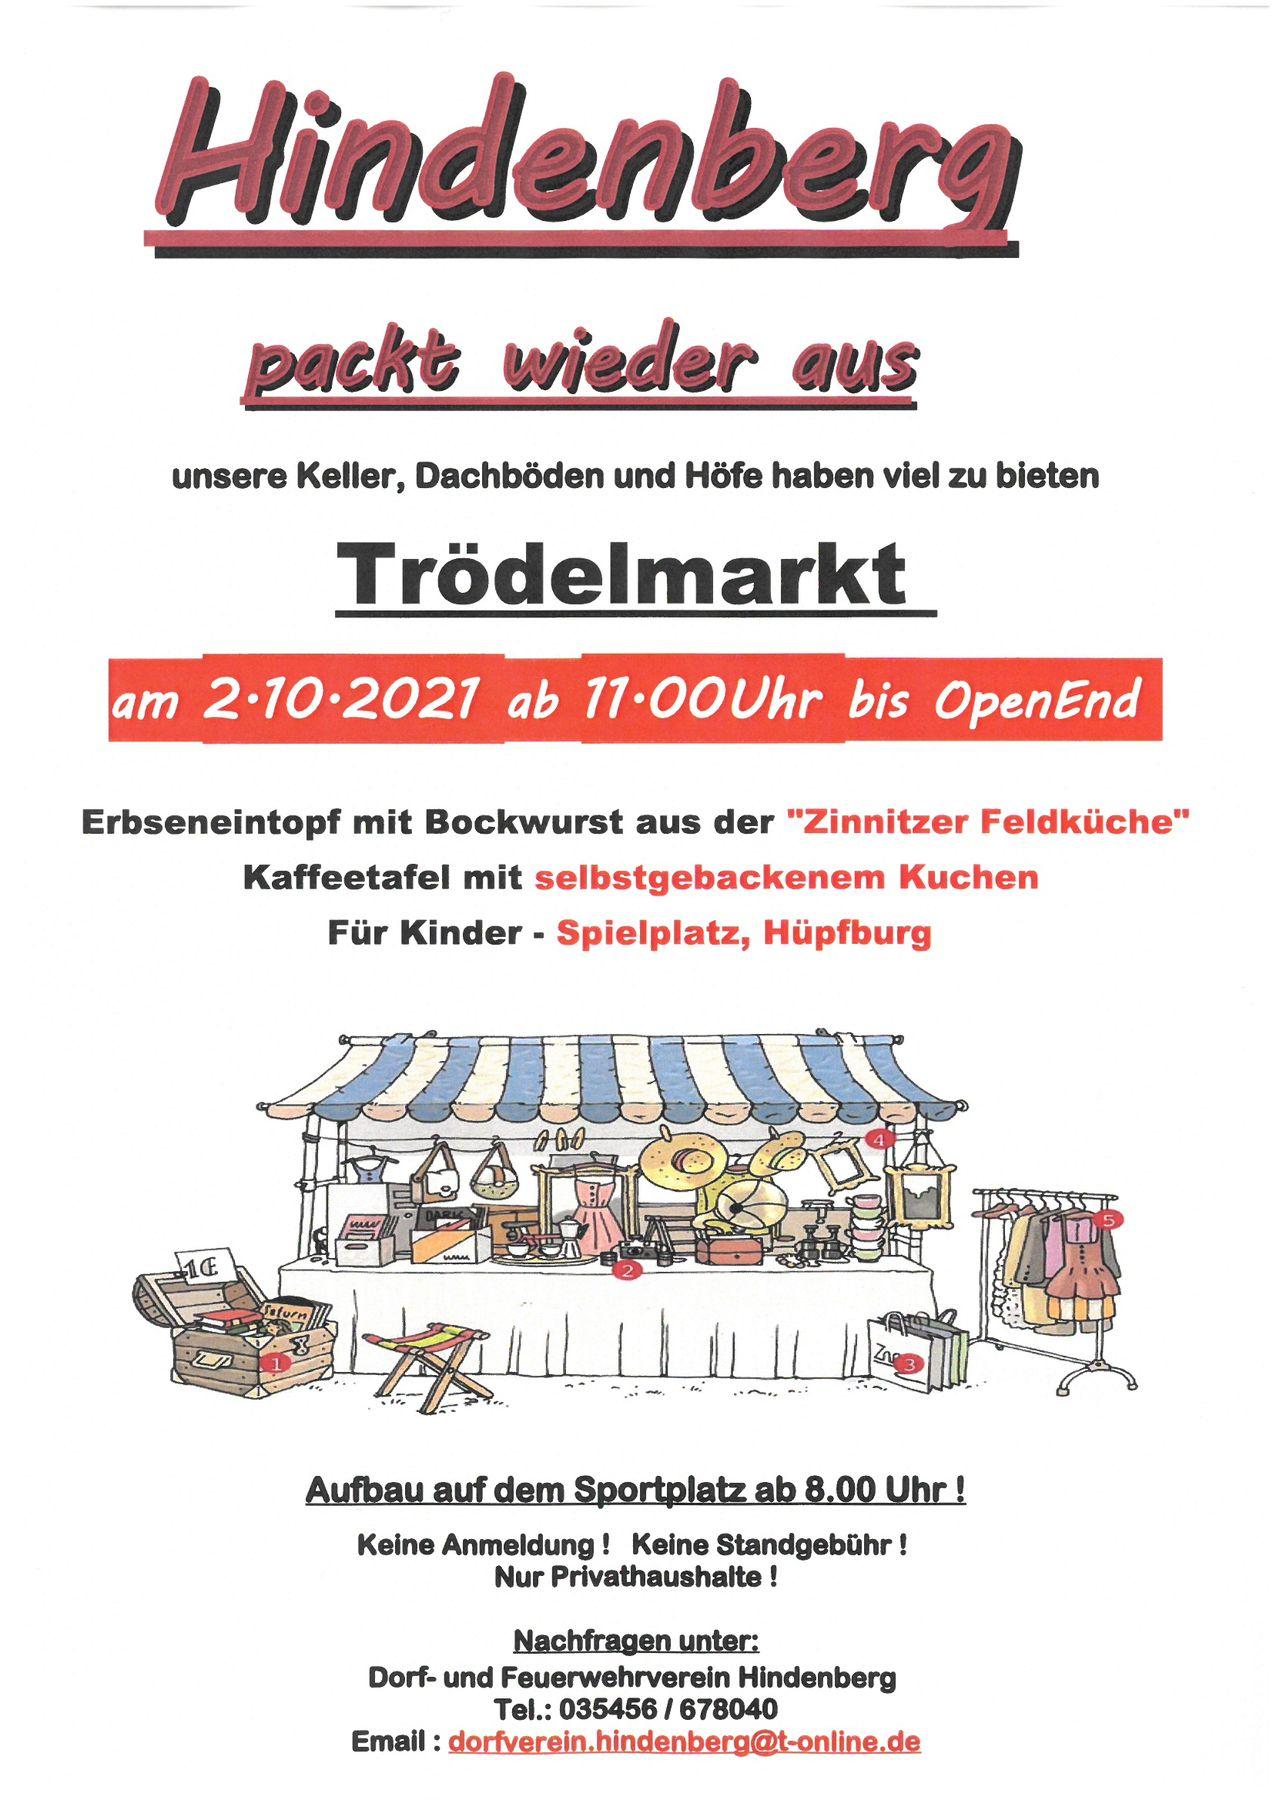 Flyer, Foto: Dorf- und Feuerwehrverein Hindenberg e.V., Lizenz: Dorf- und Feuerwehrverein Hindenberg e.V.